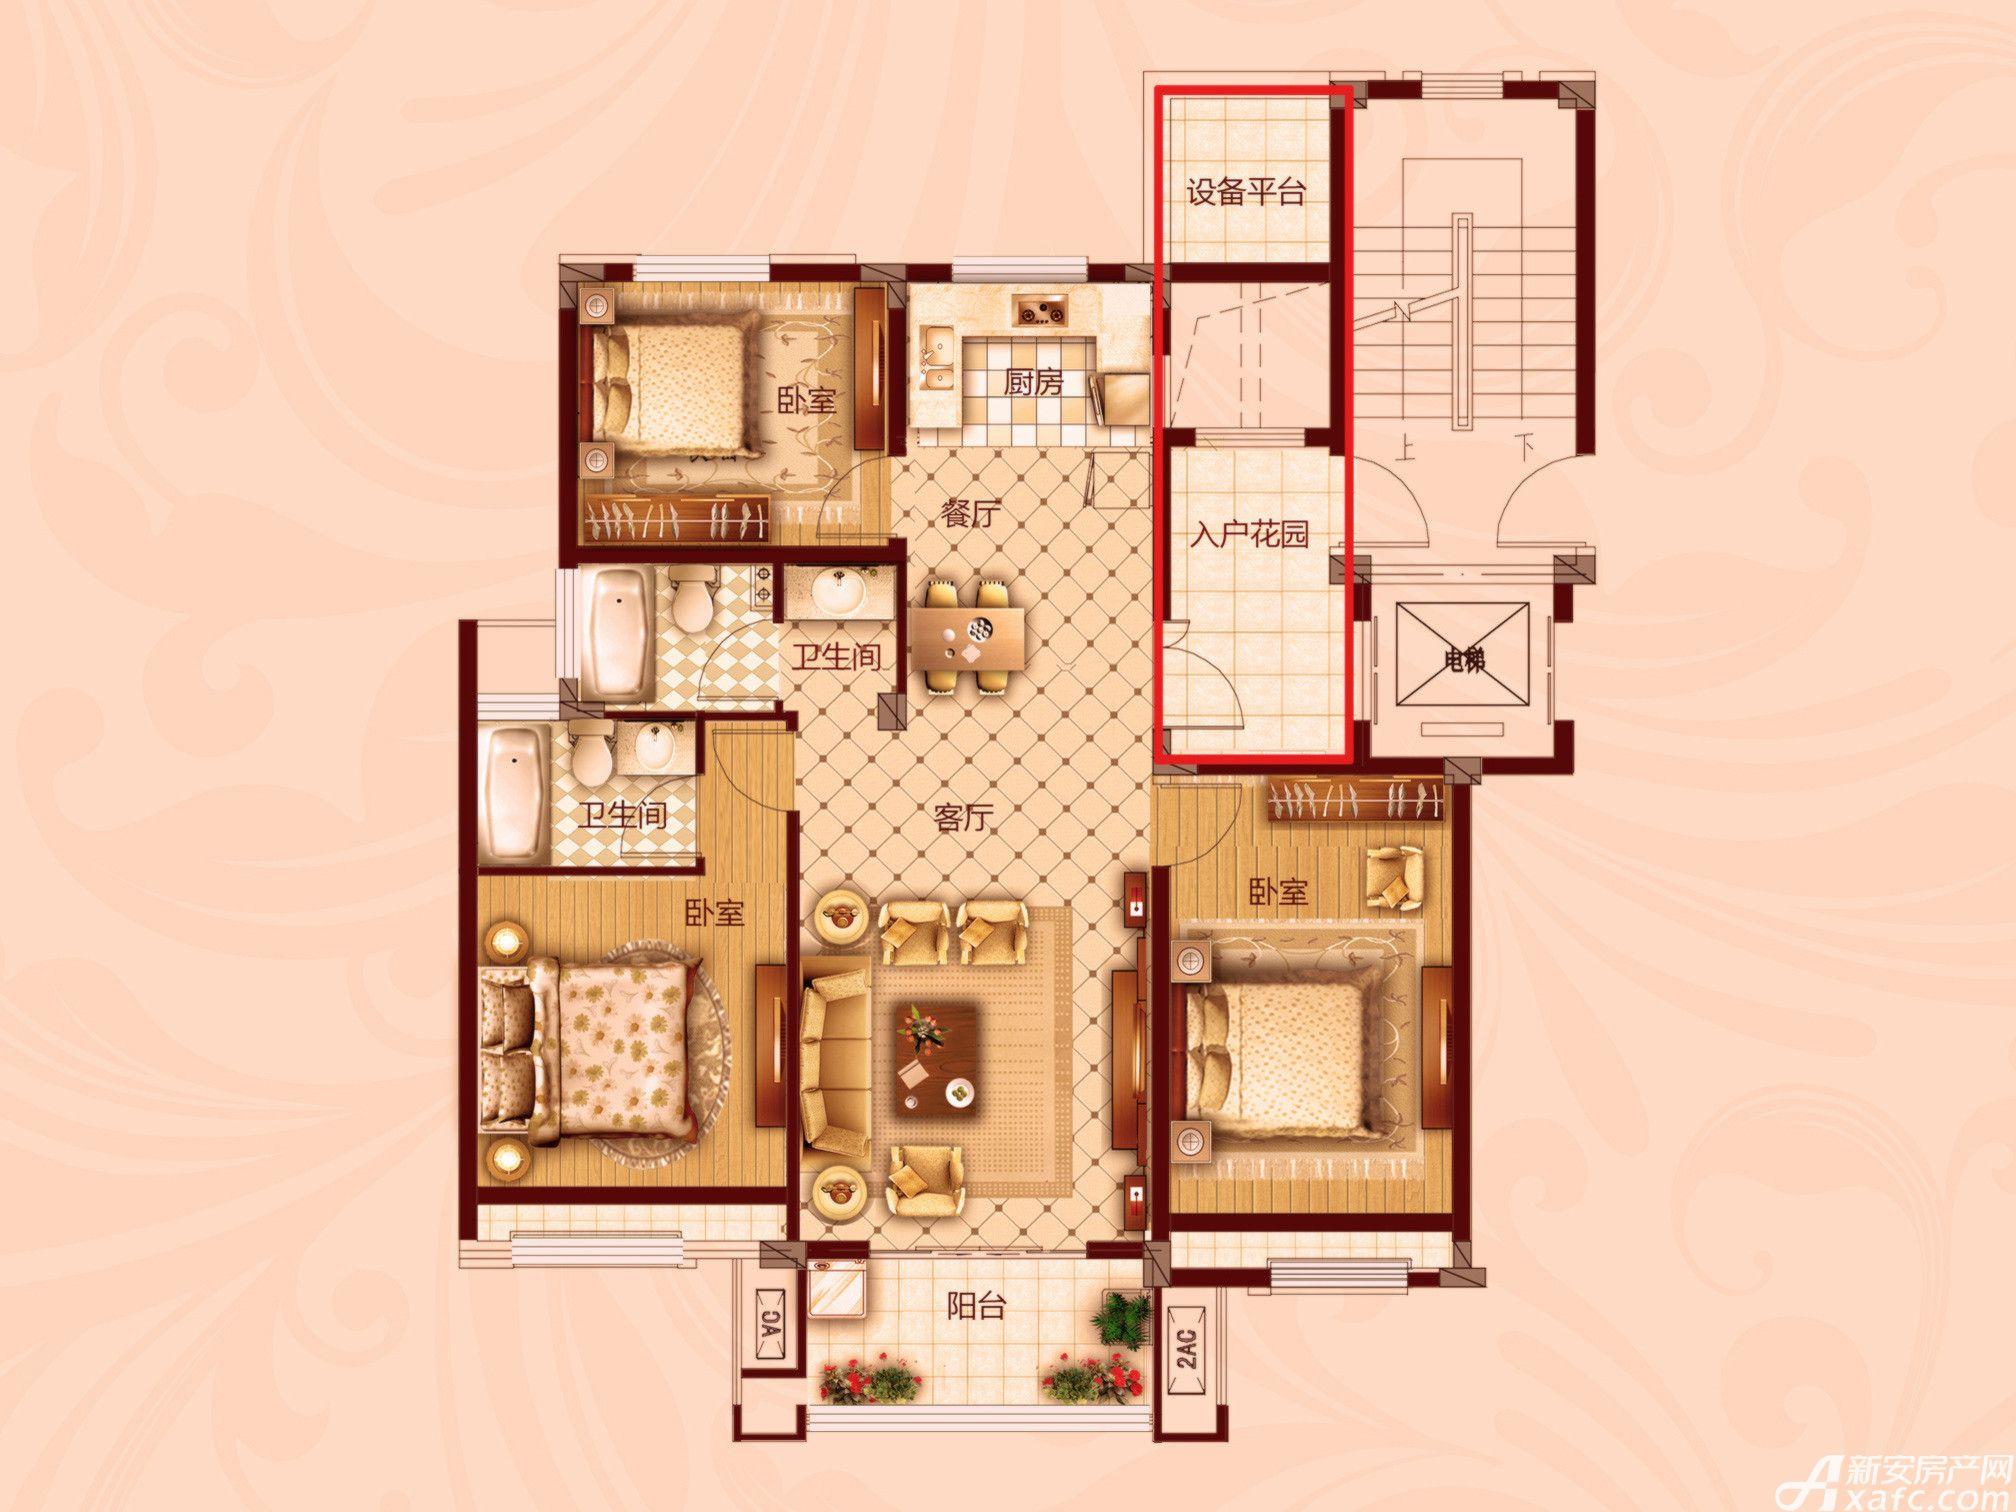 红星生活广场三室两厅两卫3室2厅114.3平米